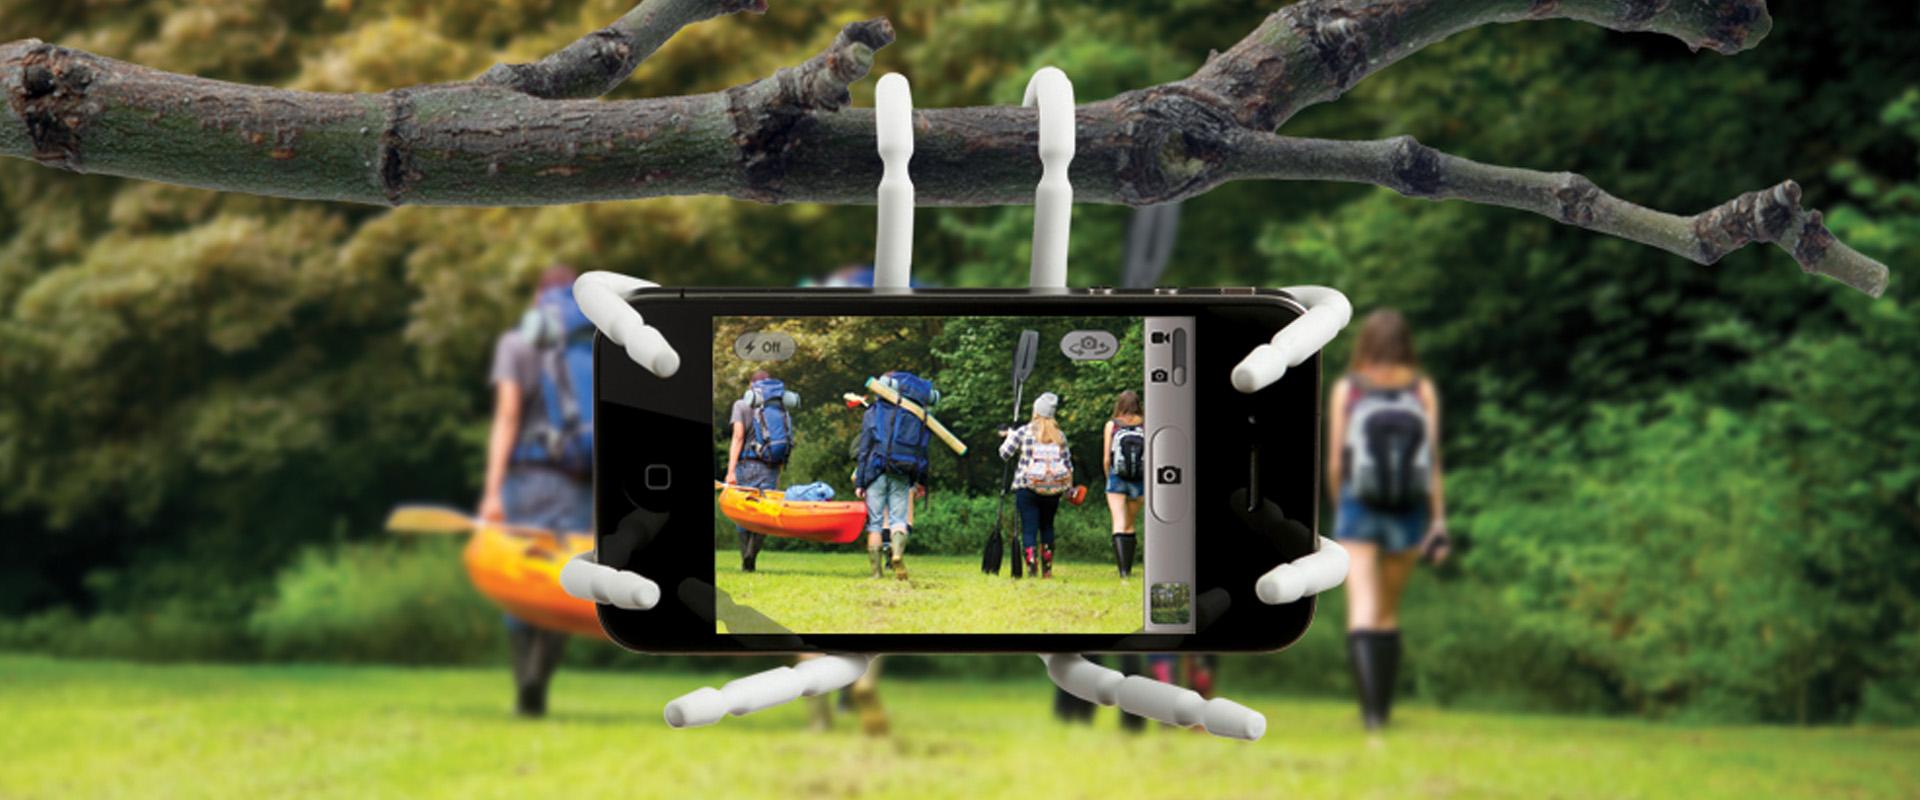 Permalink zu:Spiderpodium: Acht Beine für Handy & Tablet